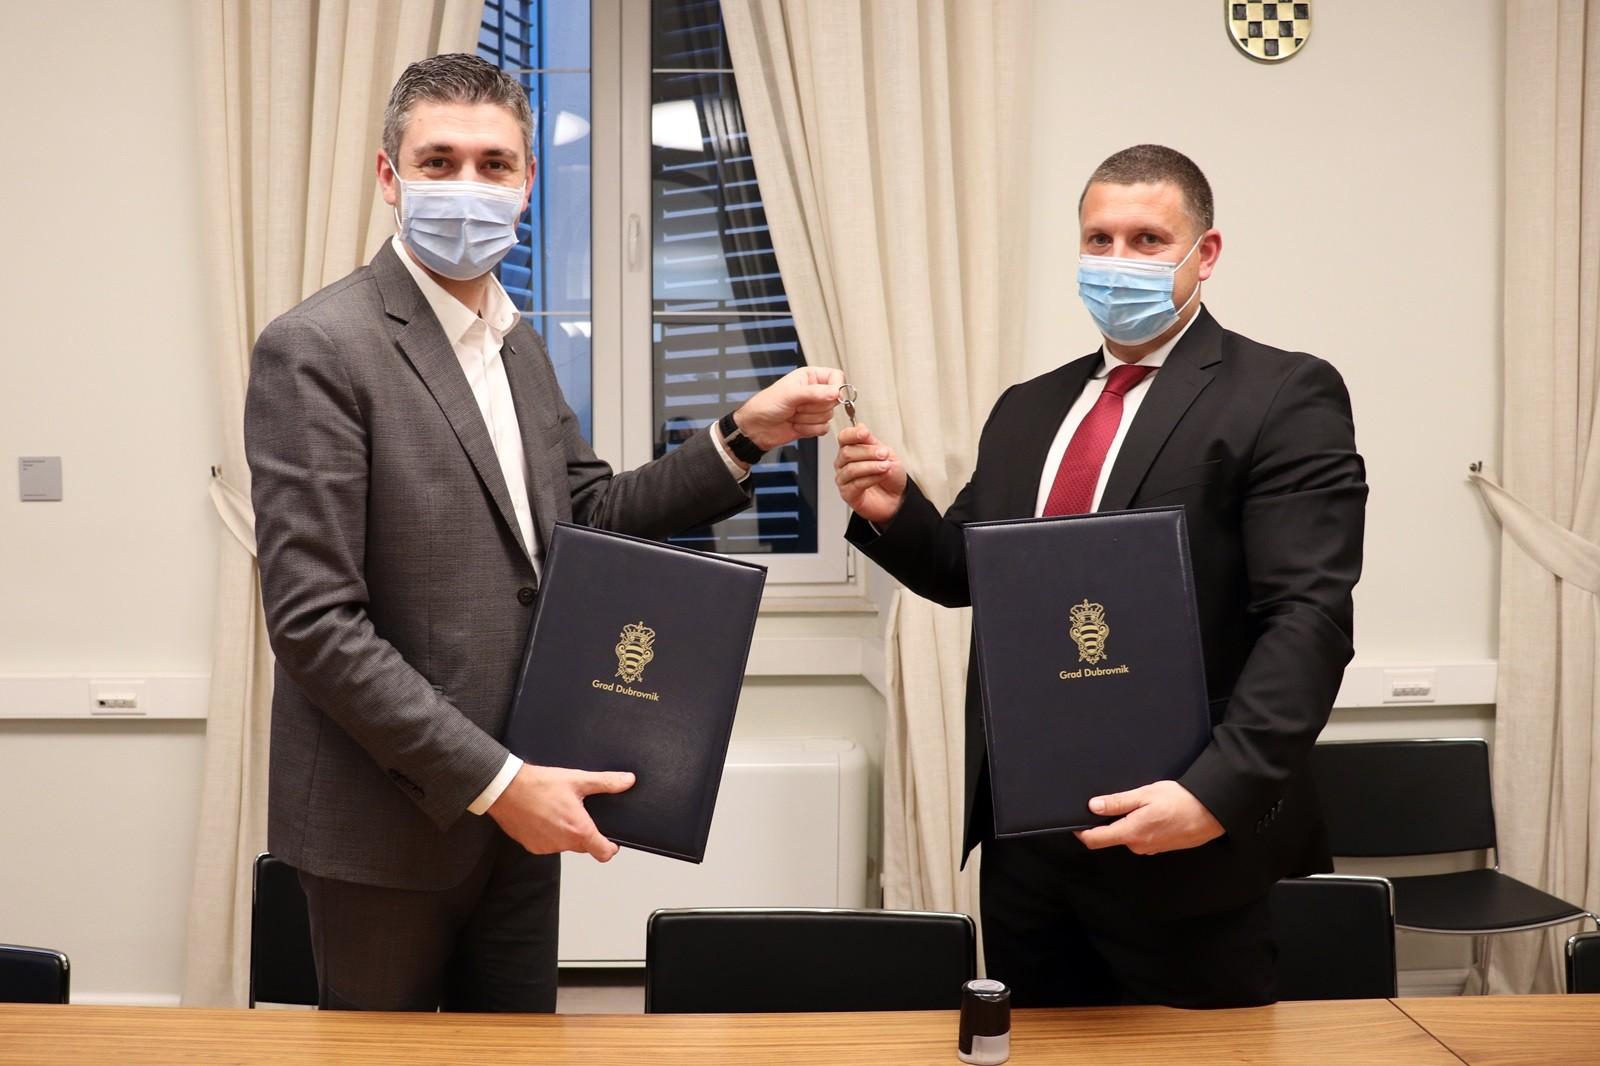 Grad Dubrovnik Zavodu za hitnu medicinu ustupio stan za smještaj doktora